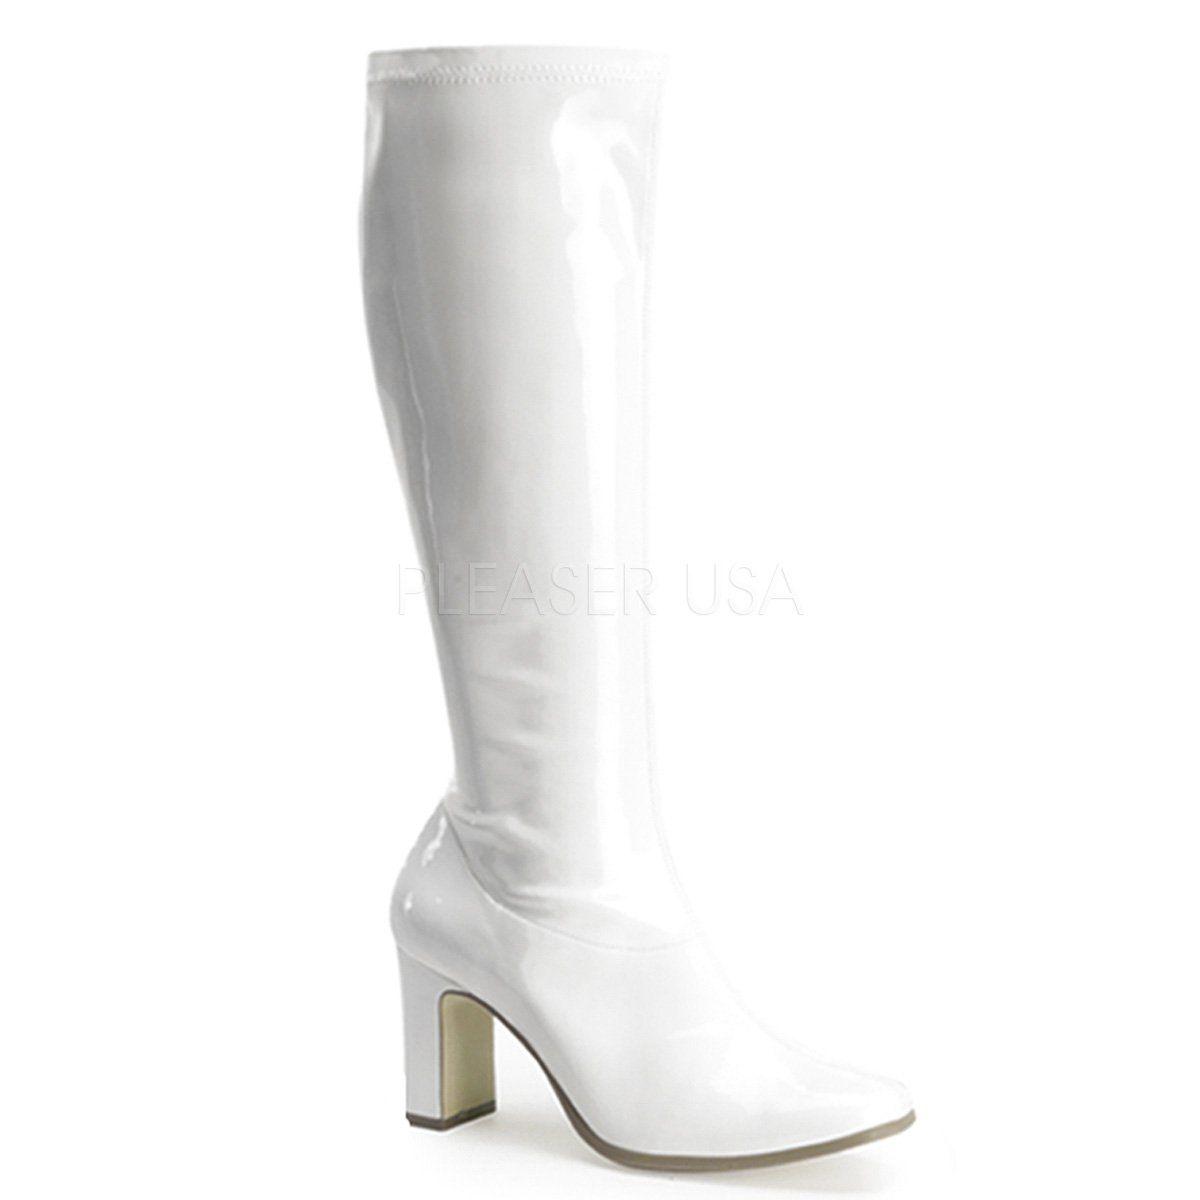 79a8b6be515 Funtasma - KIKI-350 - White Str Patent - Women s Boots in 2019 ...